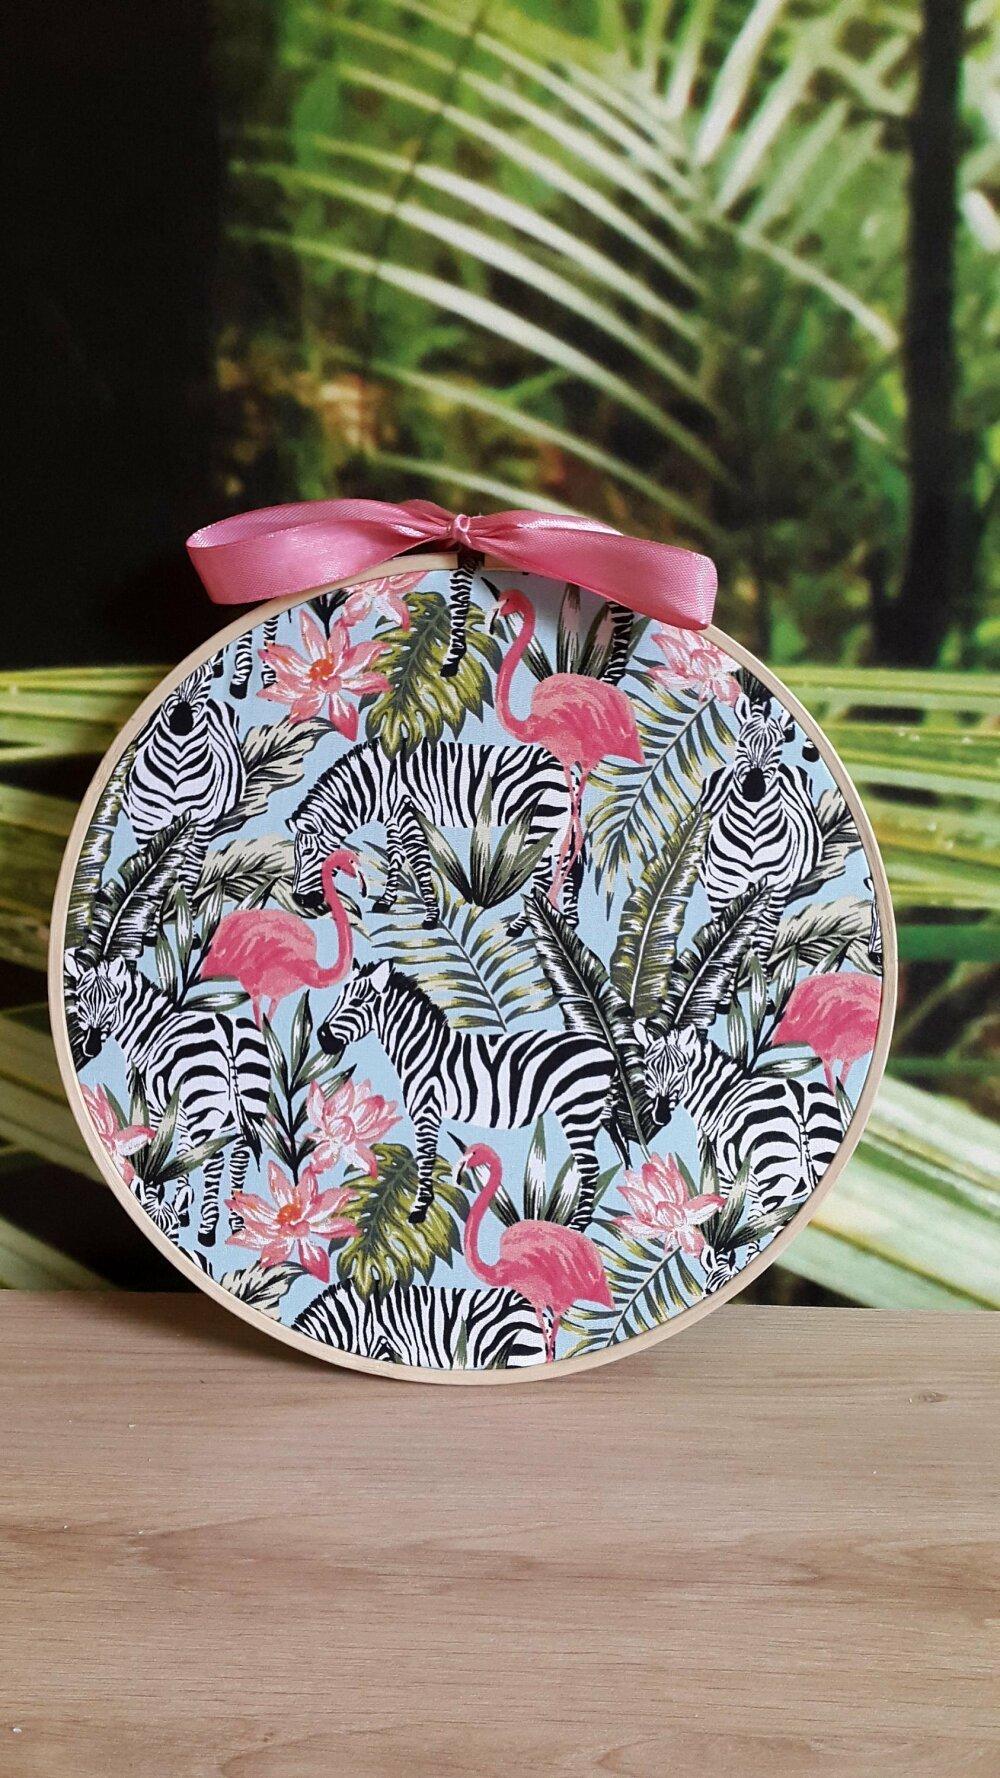 Décoration murale Tropical - Tissu sur tambour à broder - Tissu Tropical - Décoration tendance